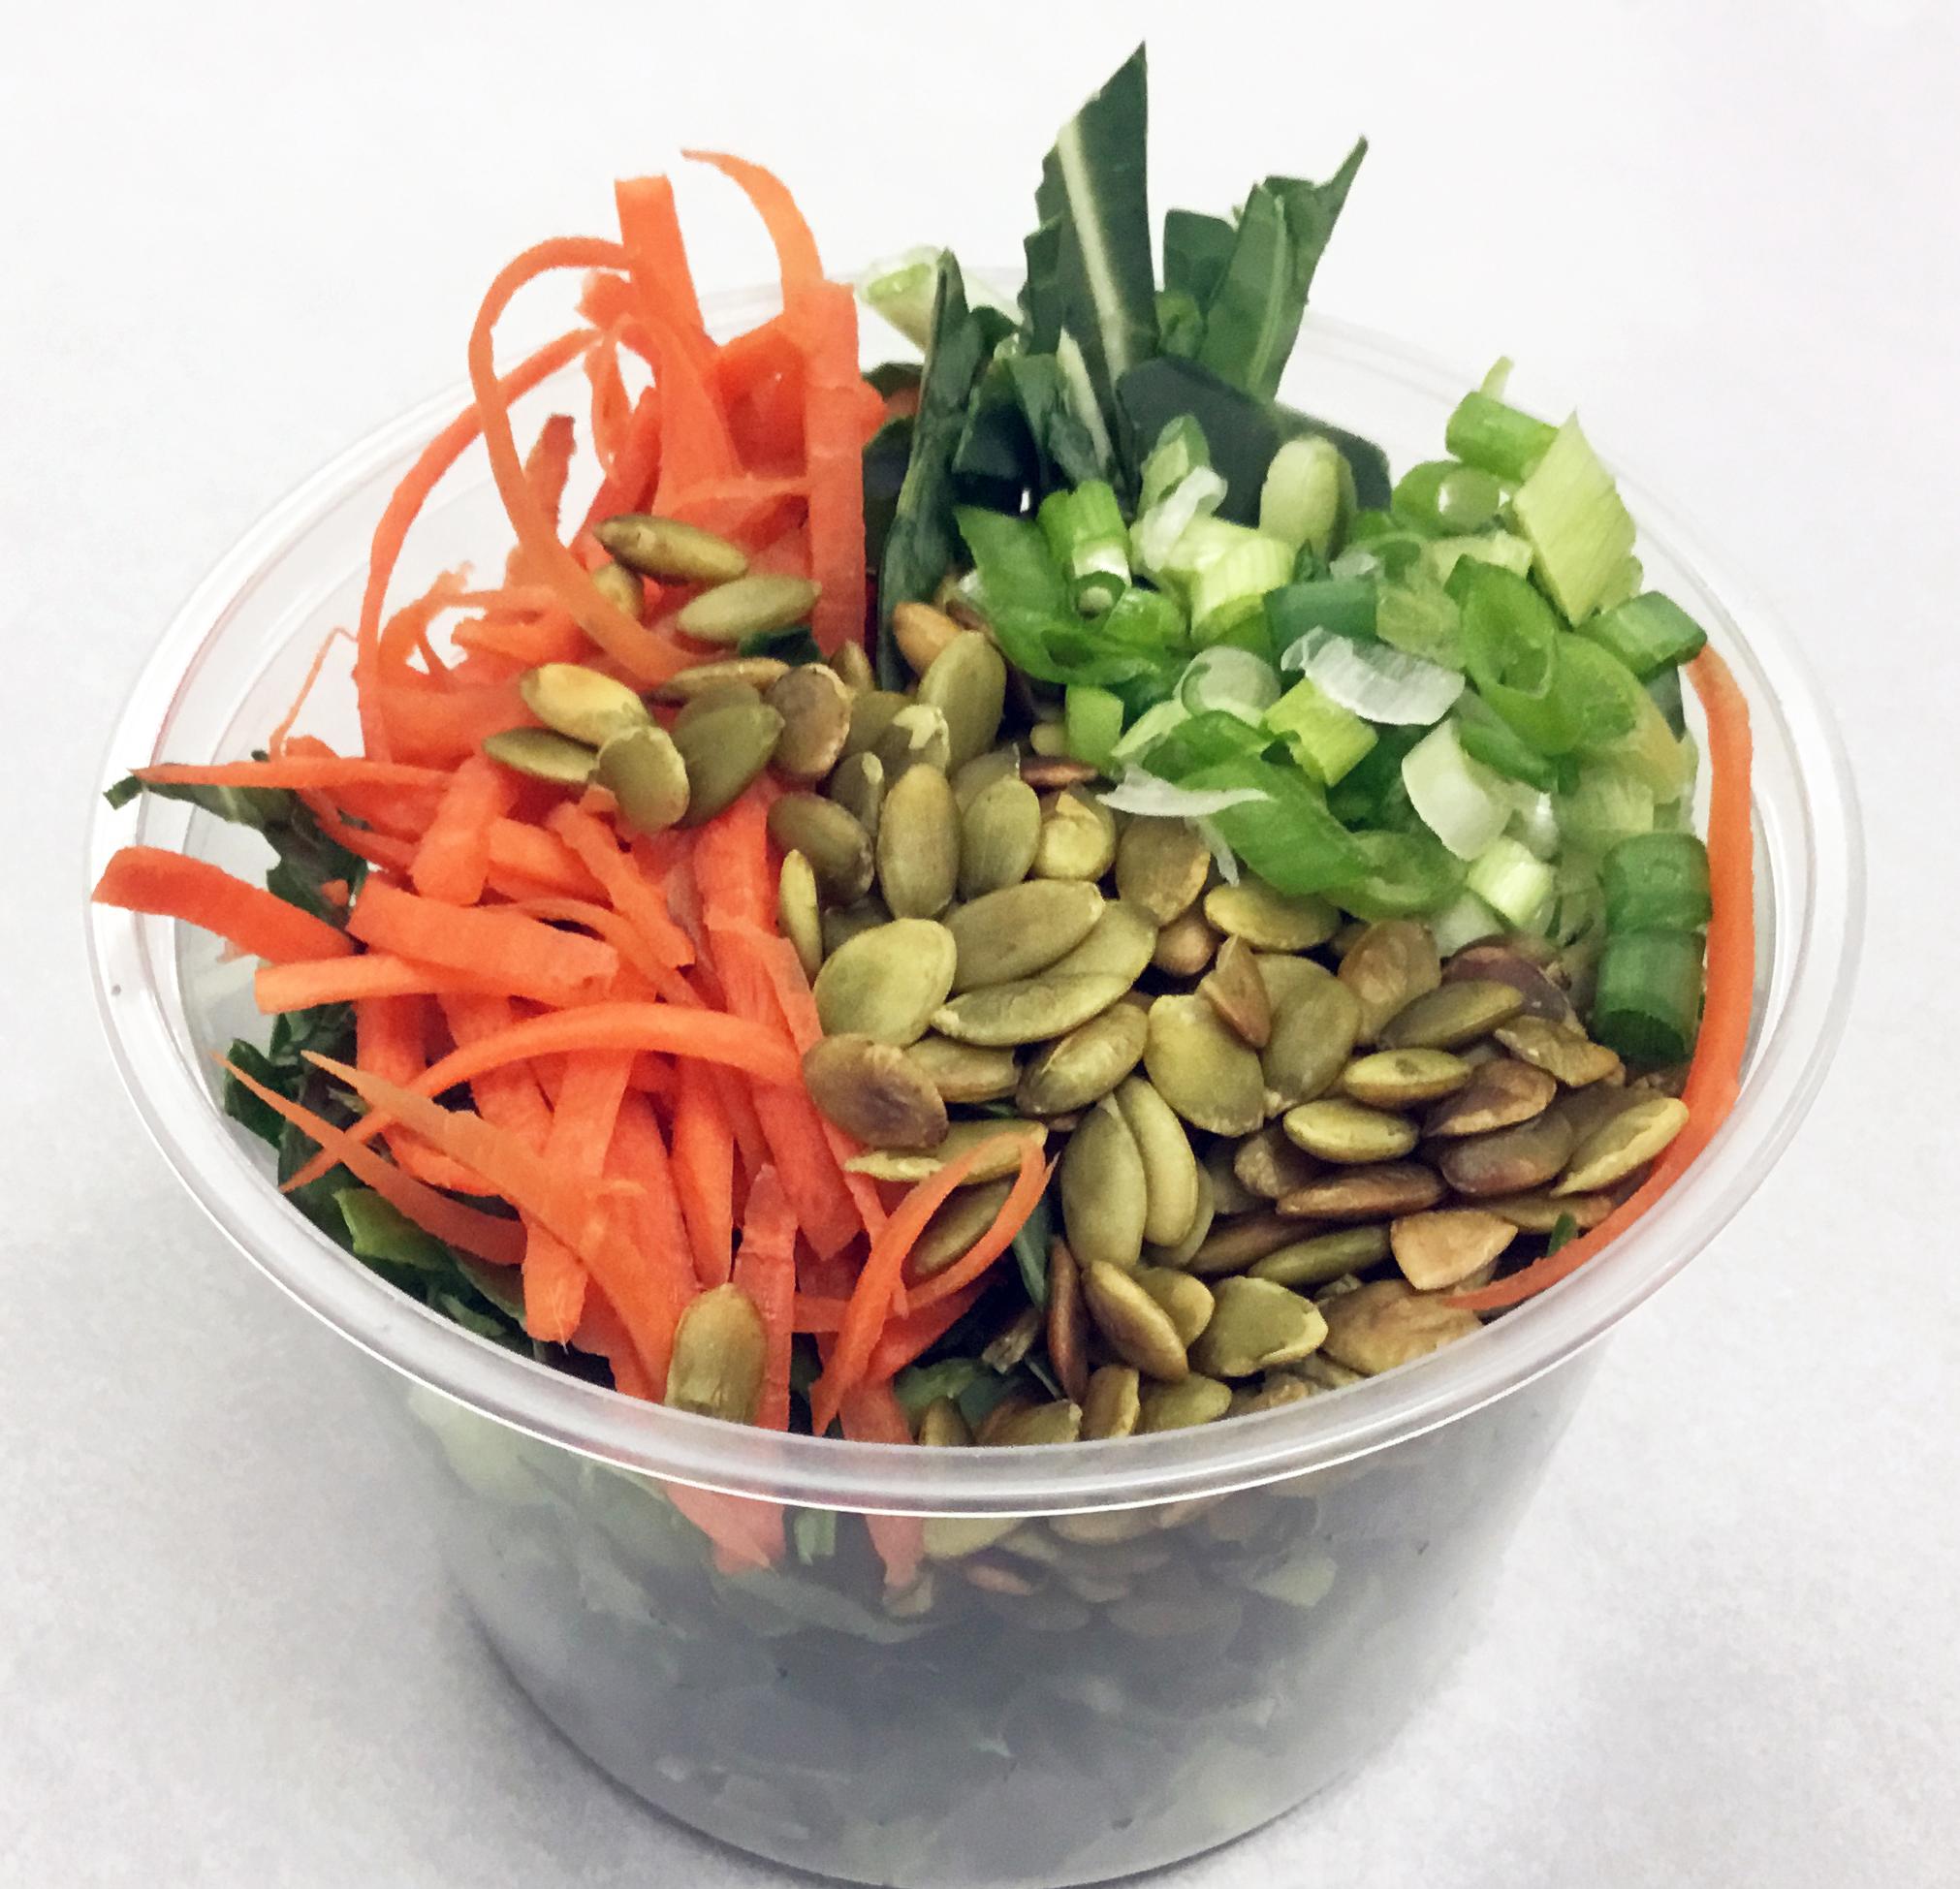 Collard green, carrot, scallions and roasted pumpkin seeds.